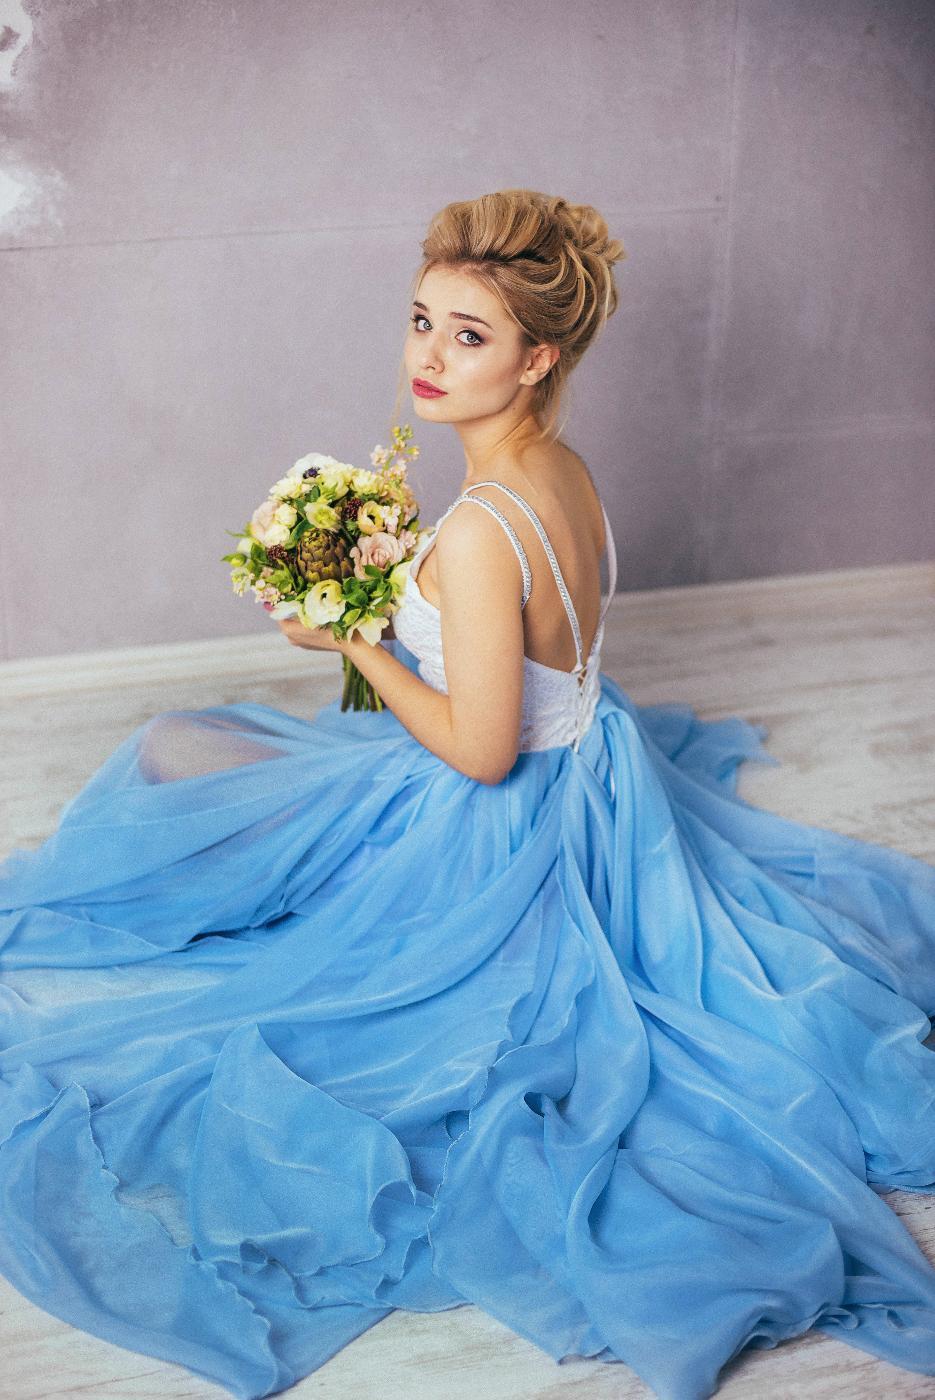 осветляют волосы голубое платье в прокат фотосессии доме